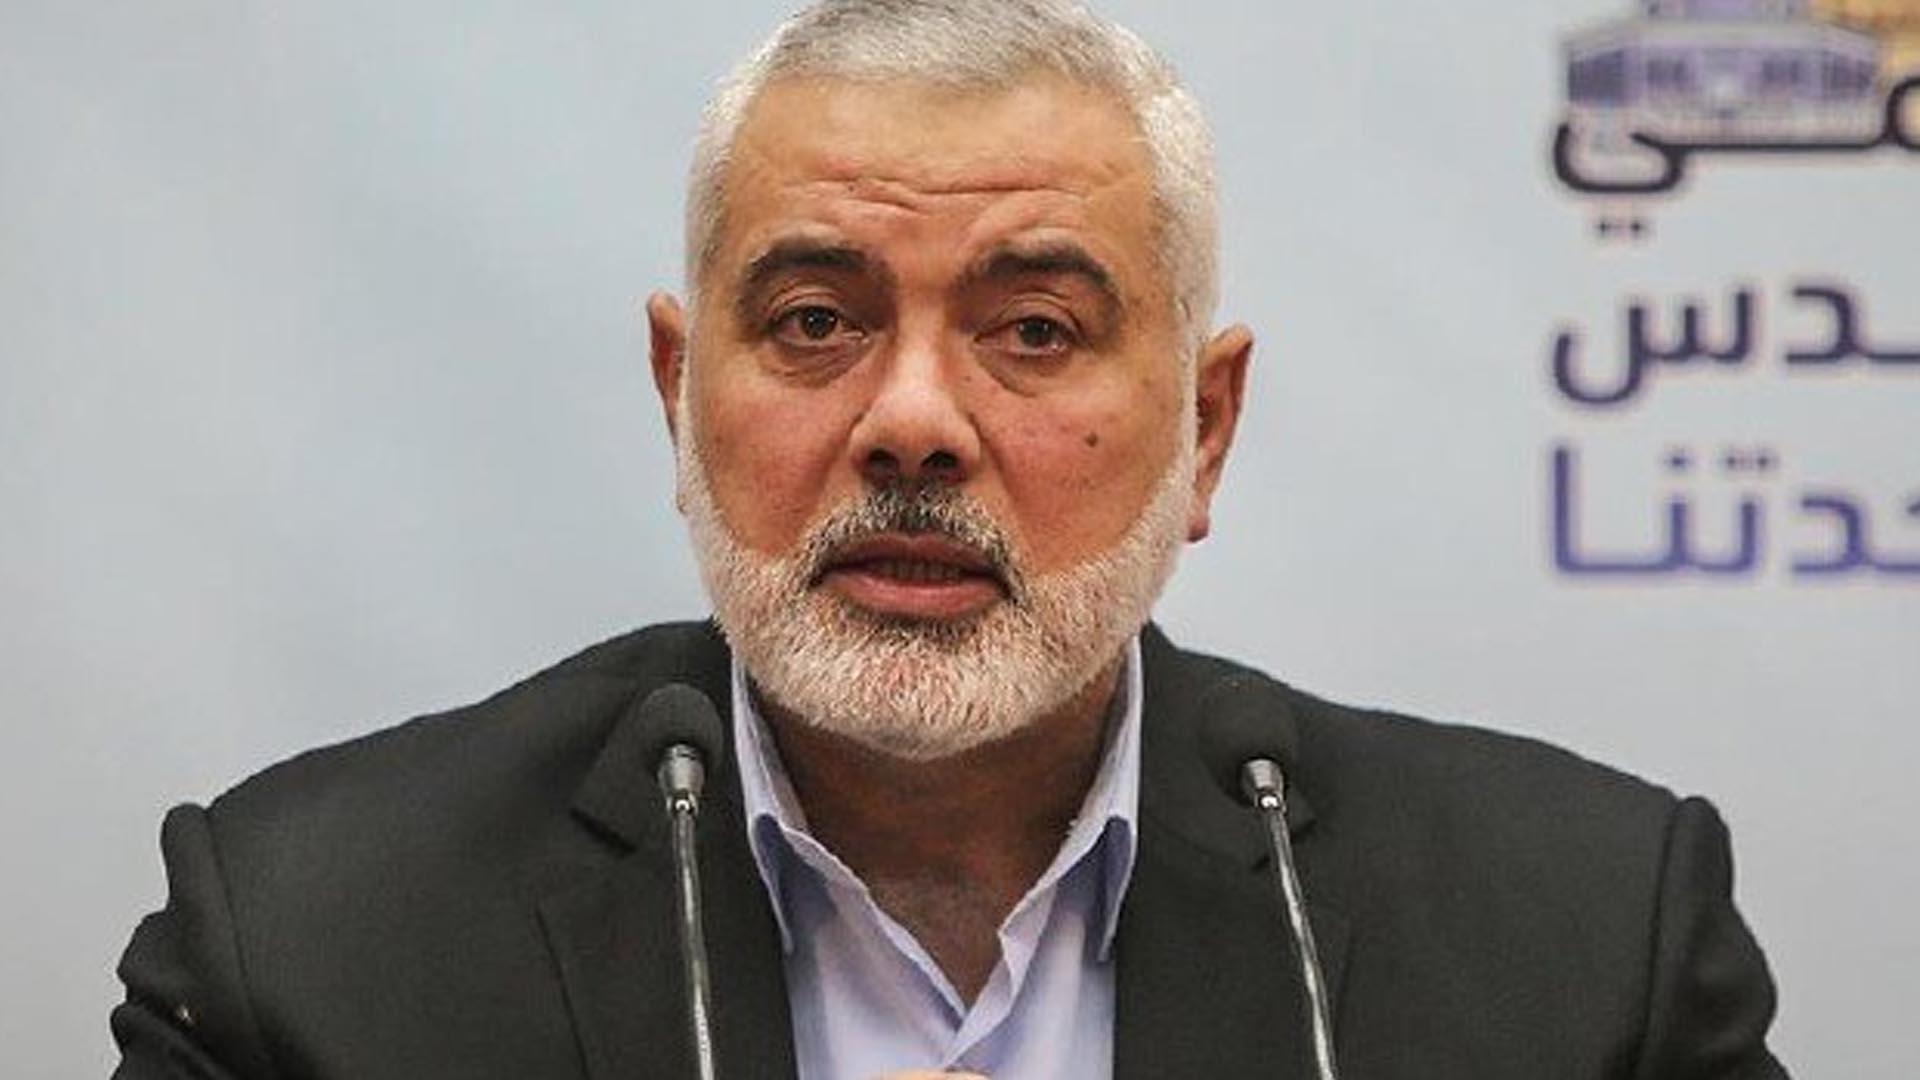 Hamas lideri Heniyye'den İsrail'e uyarı: Kudüs'ten uzak dur